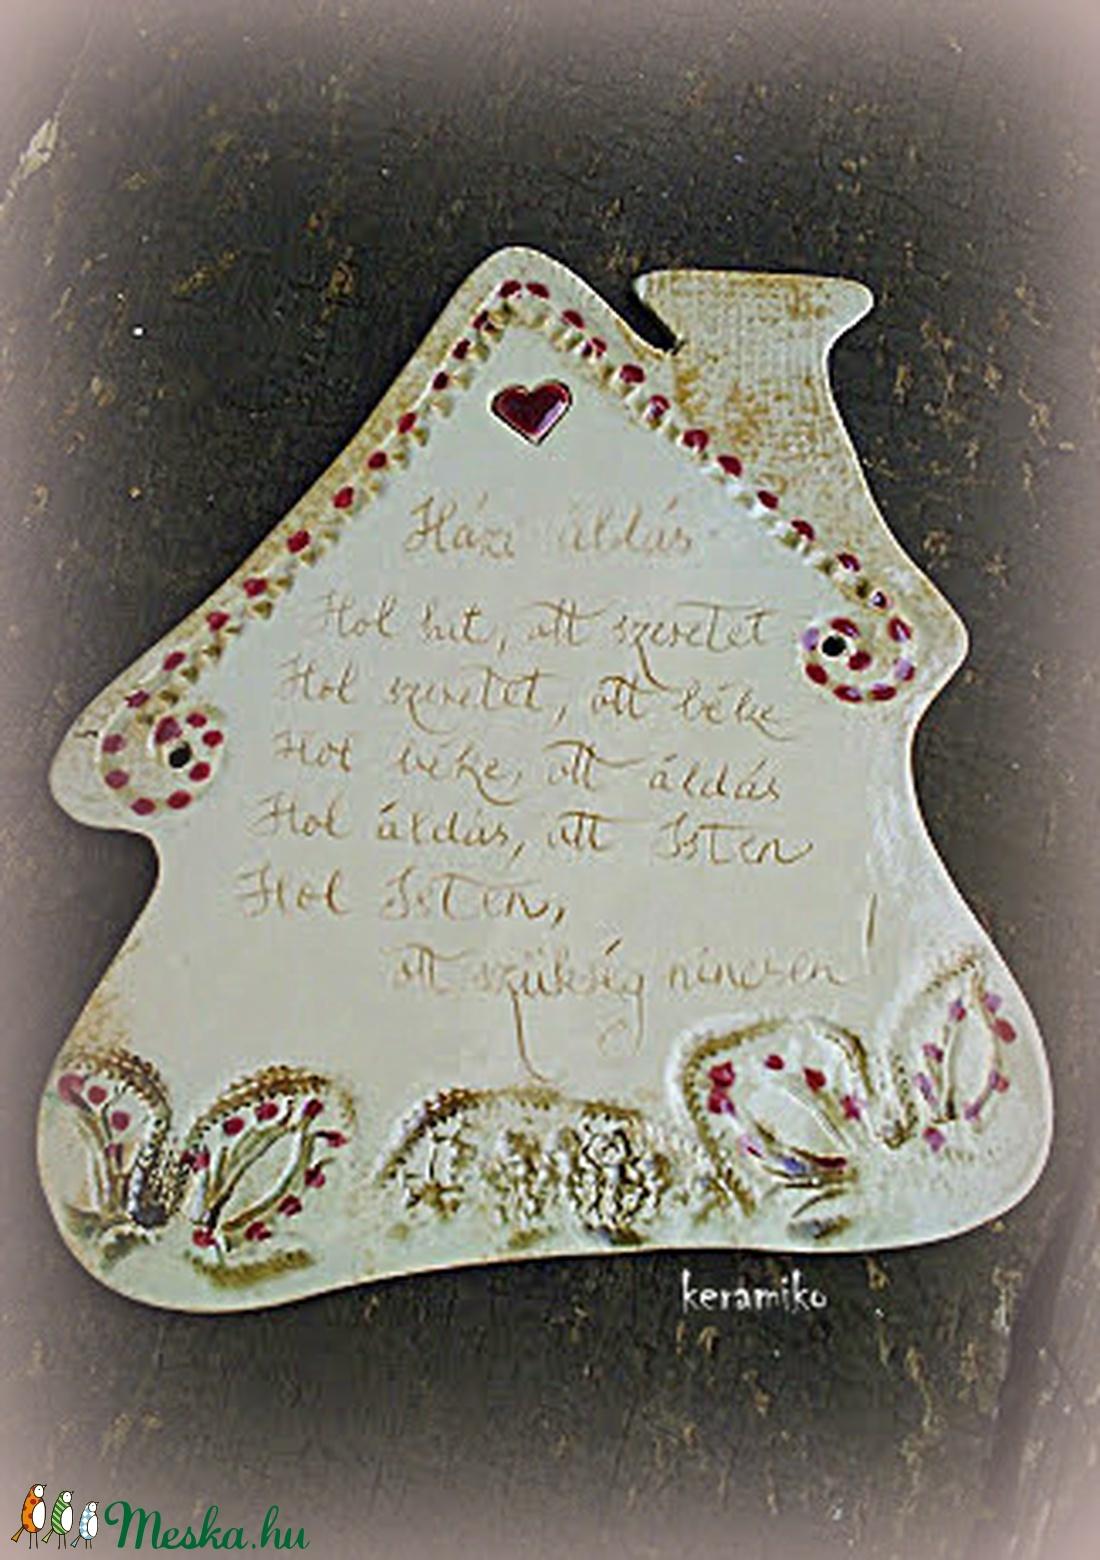 Házi áldás (keramiko) - Meska.hu